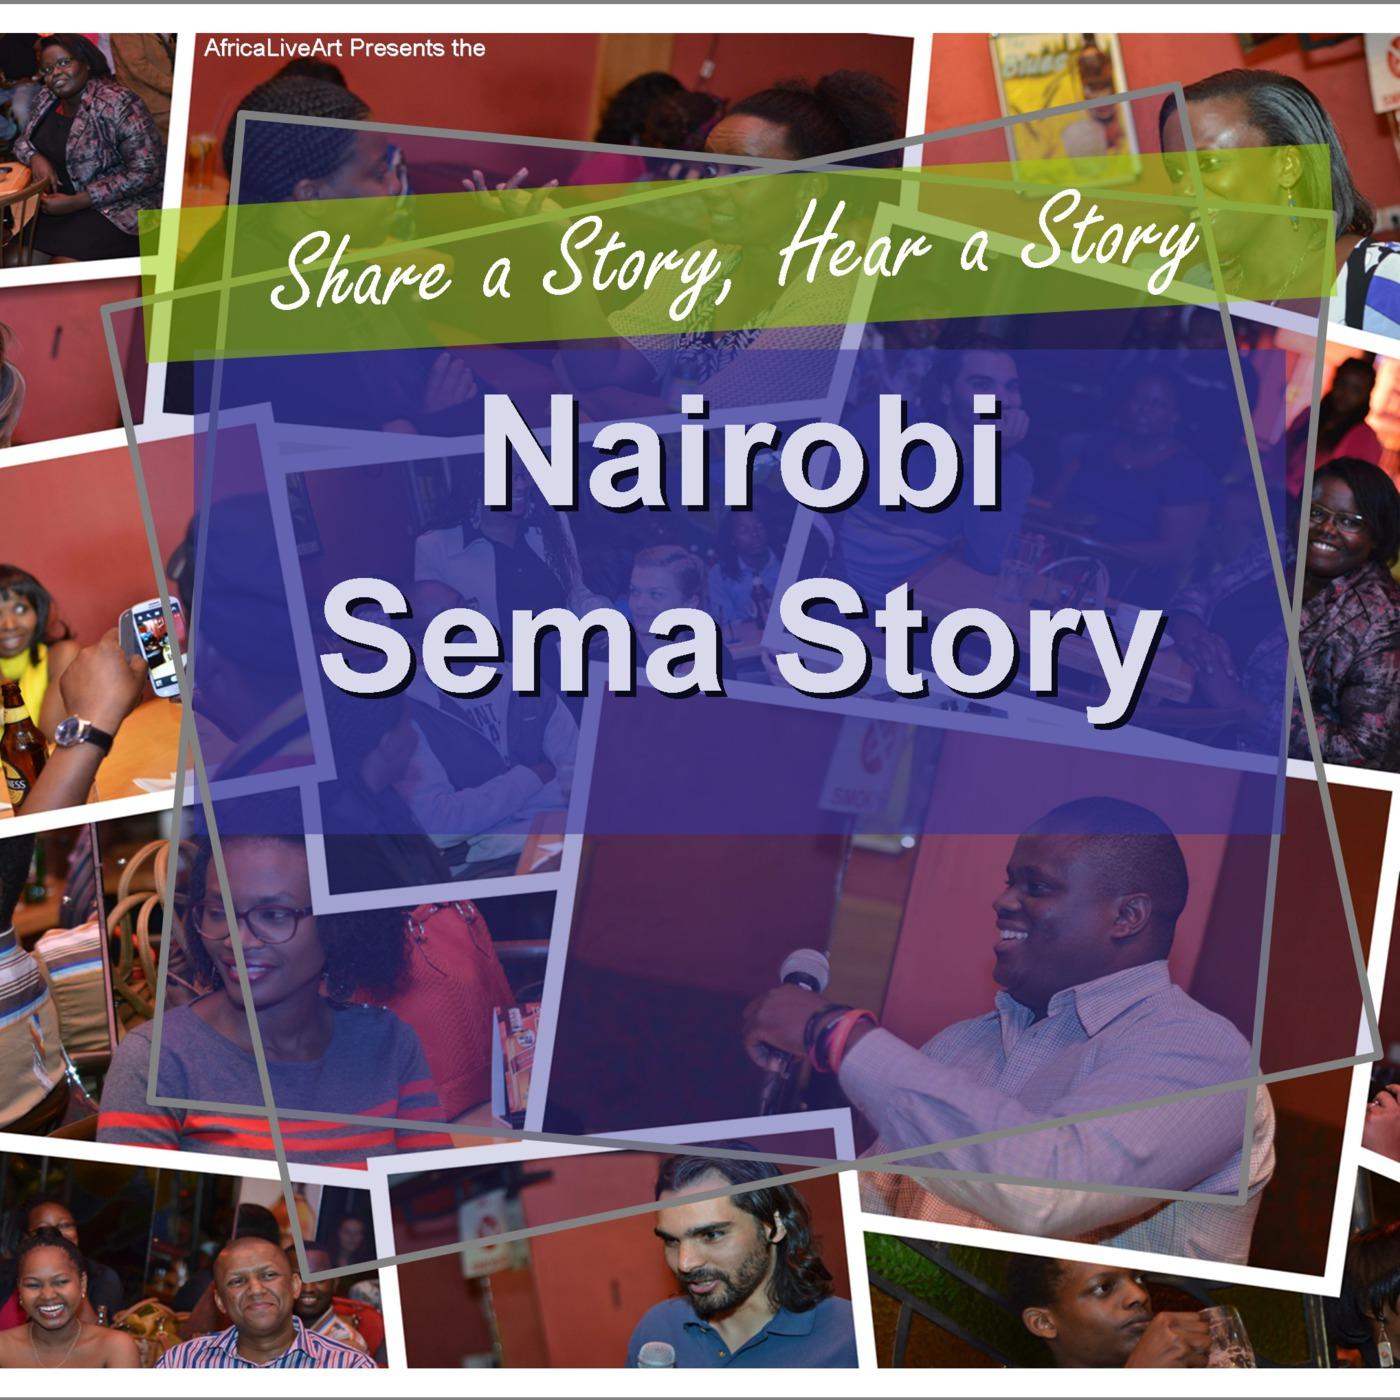 Nairobi Sema Story